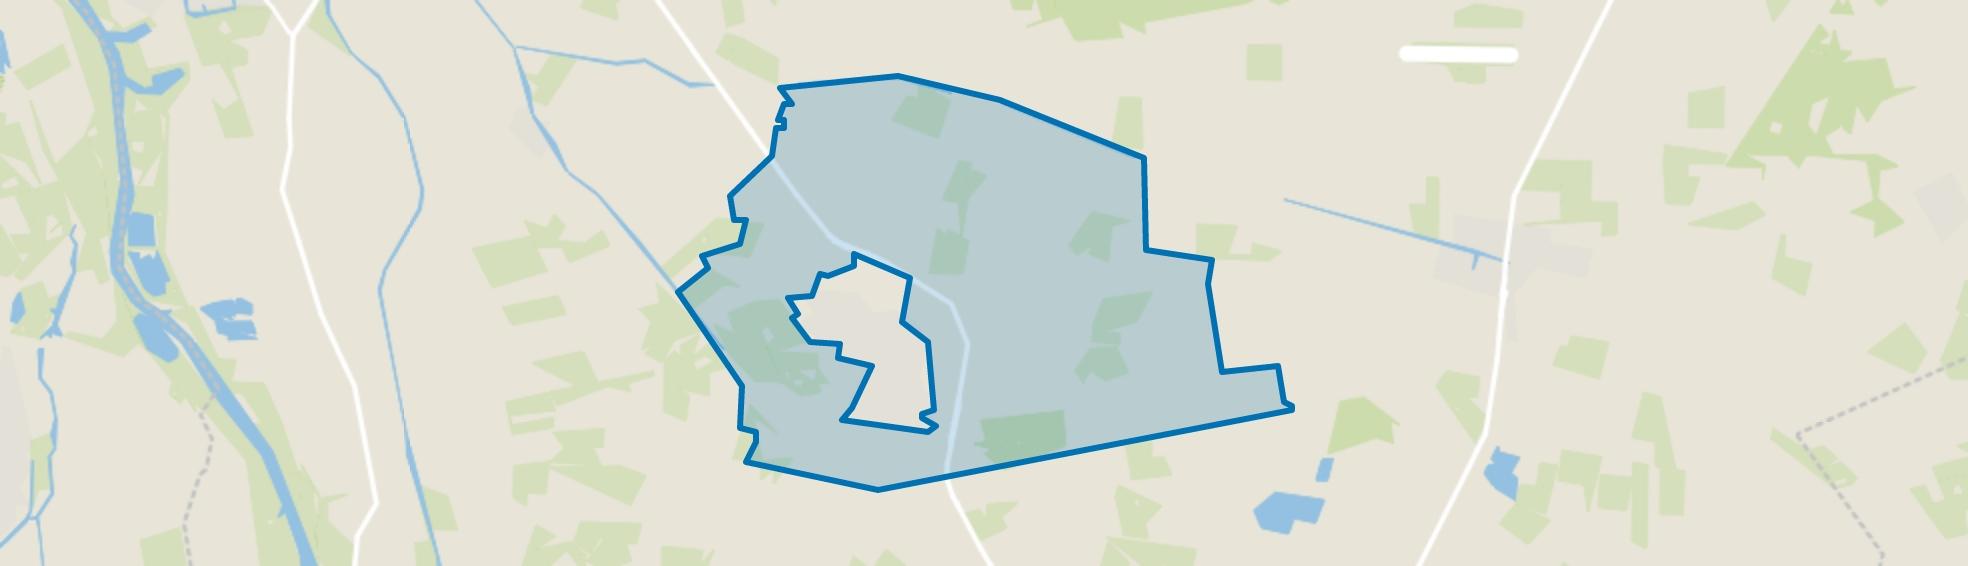 Buitengebied Heino, Heino map